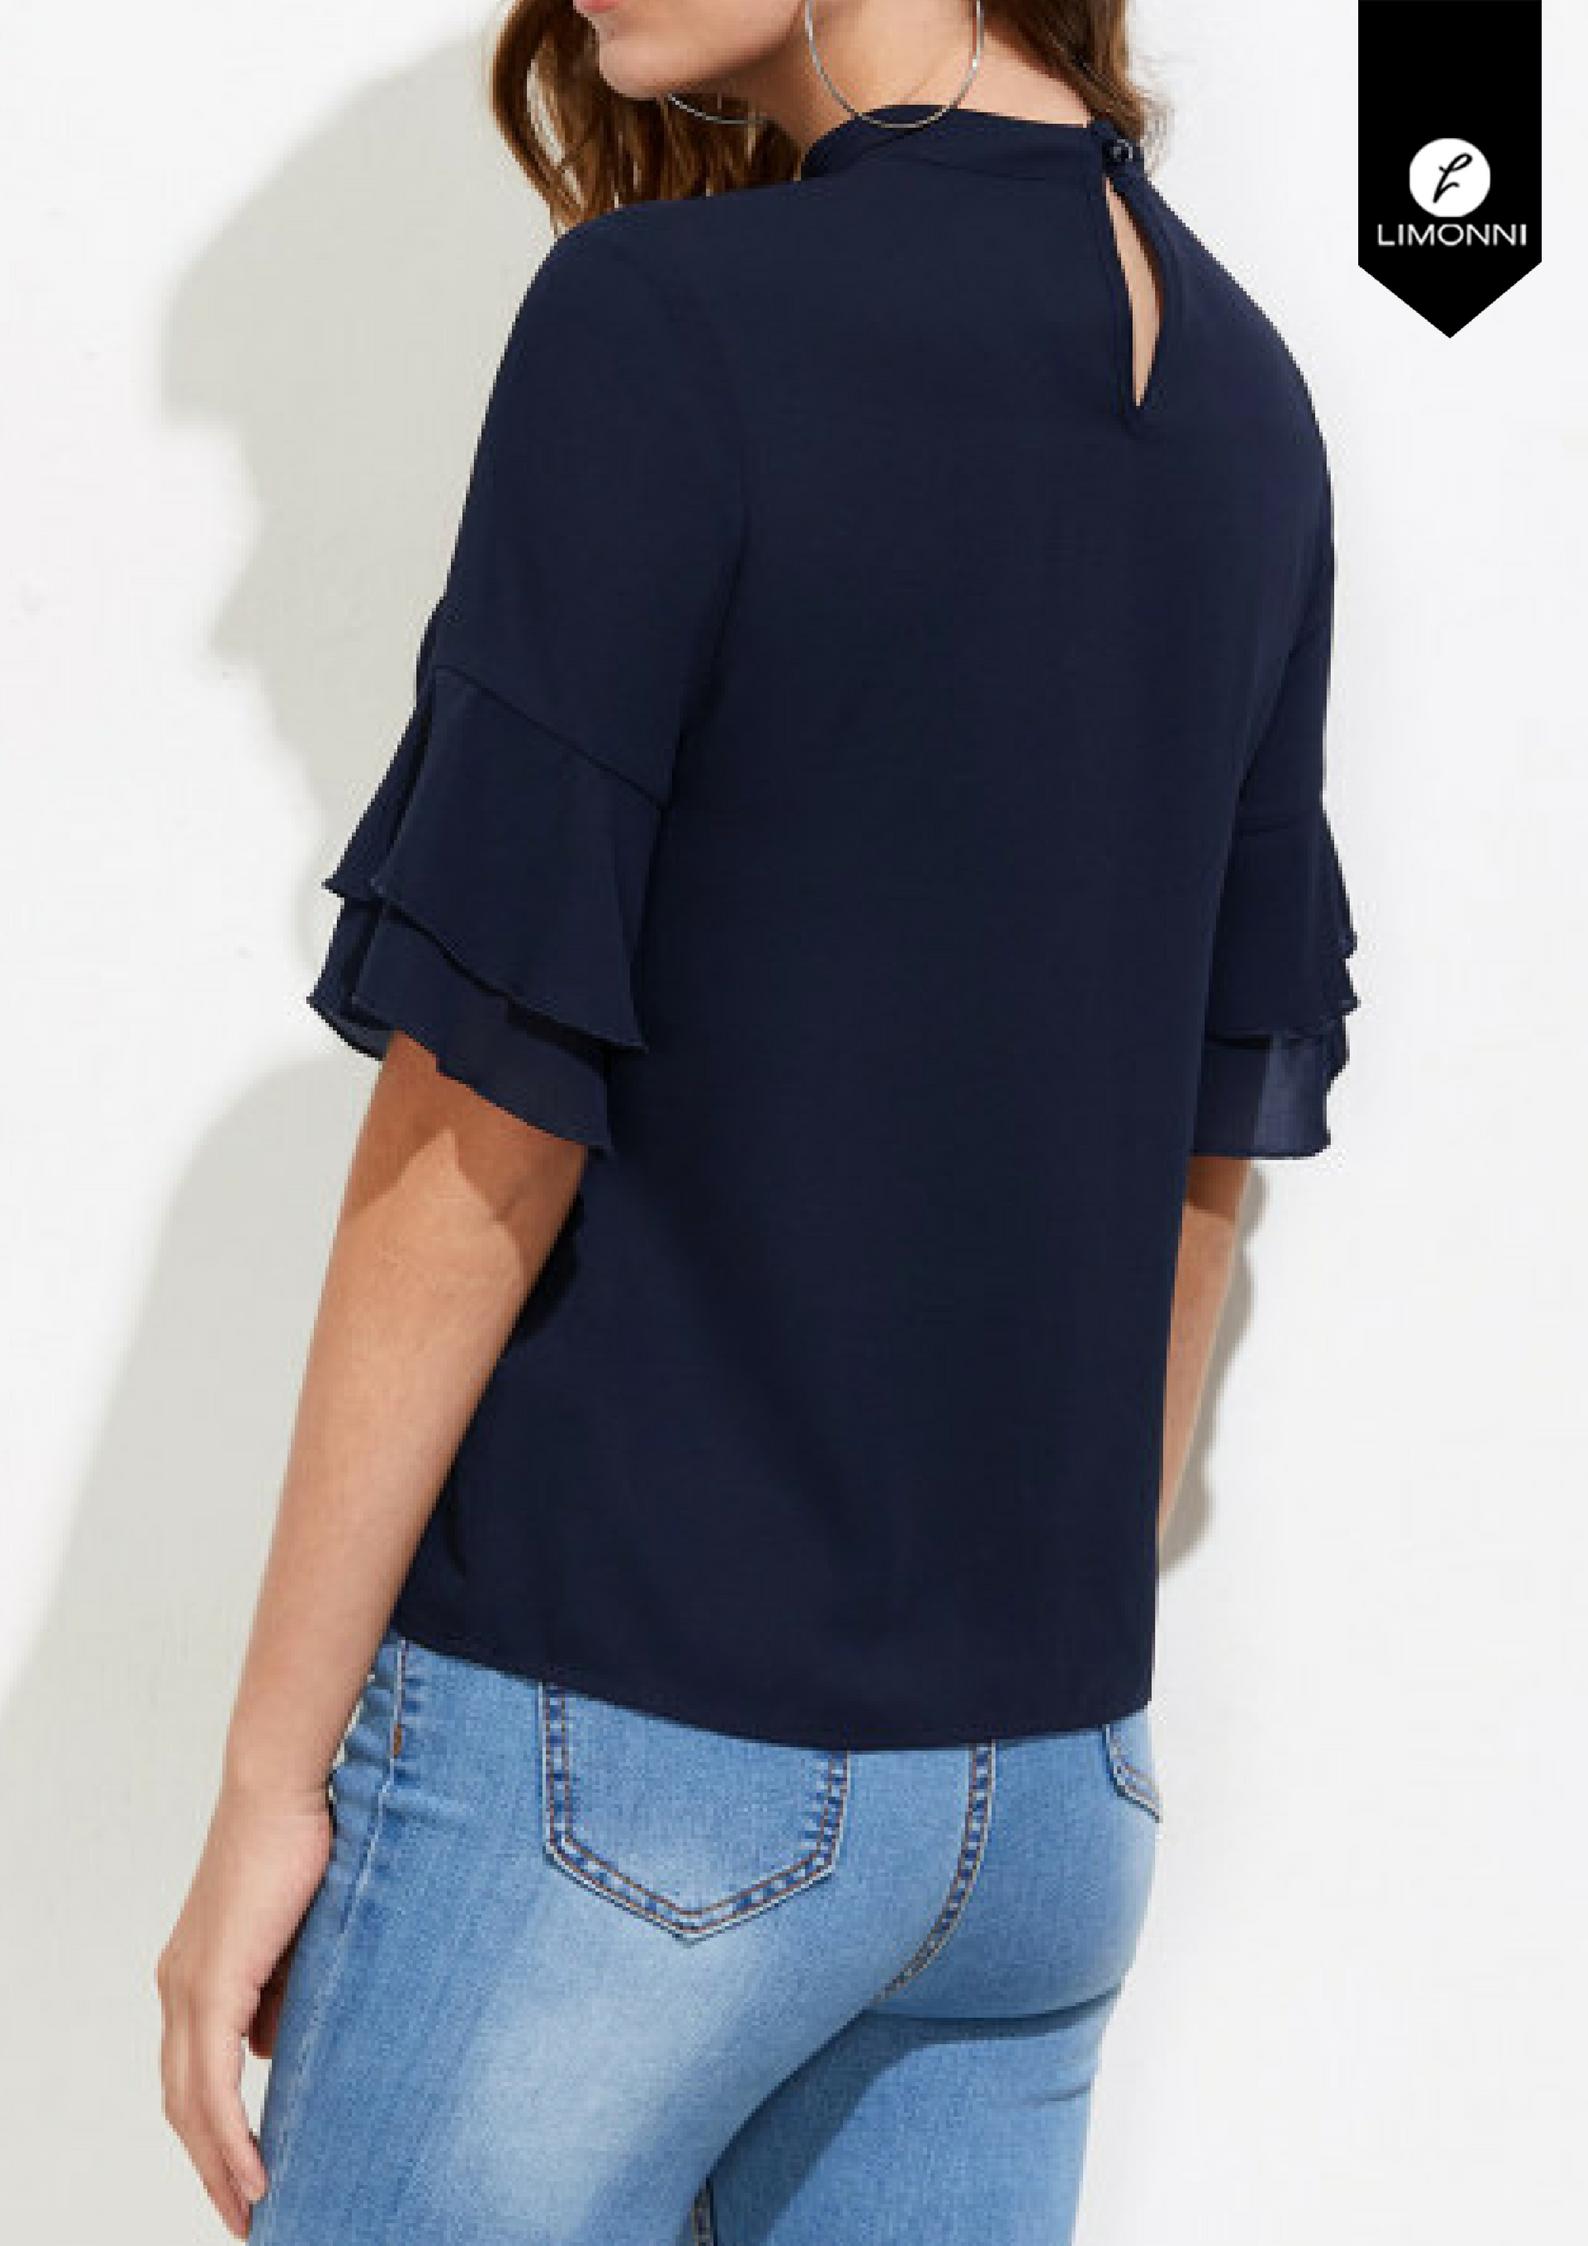 Blusas para mujer Limonni Novalee LI1447 Casuales